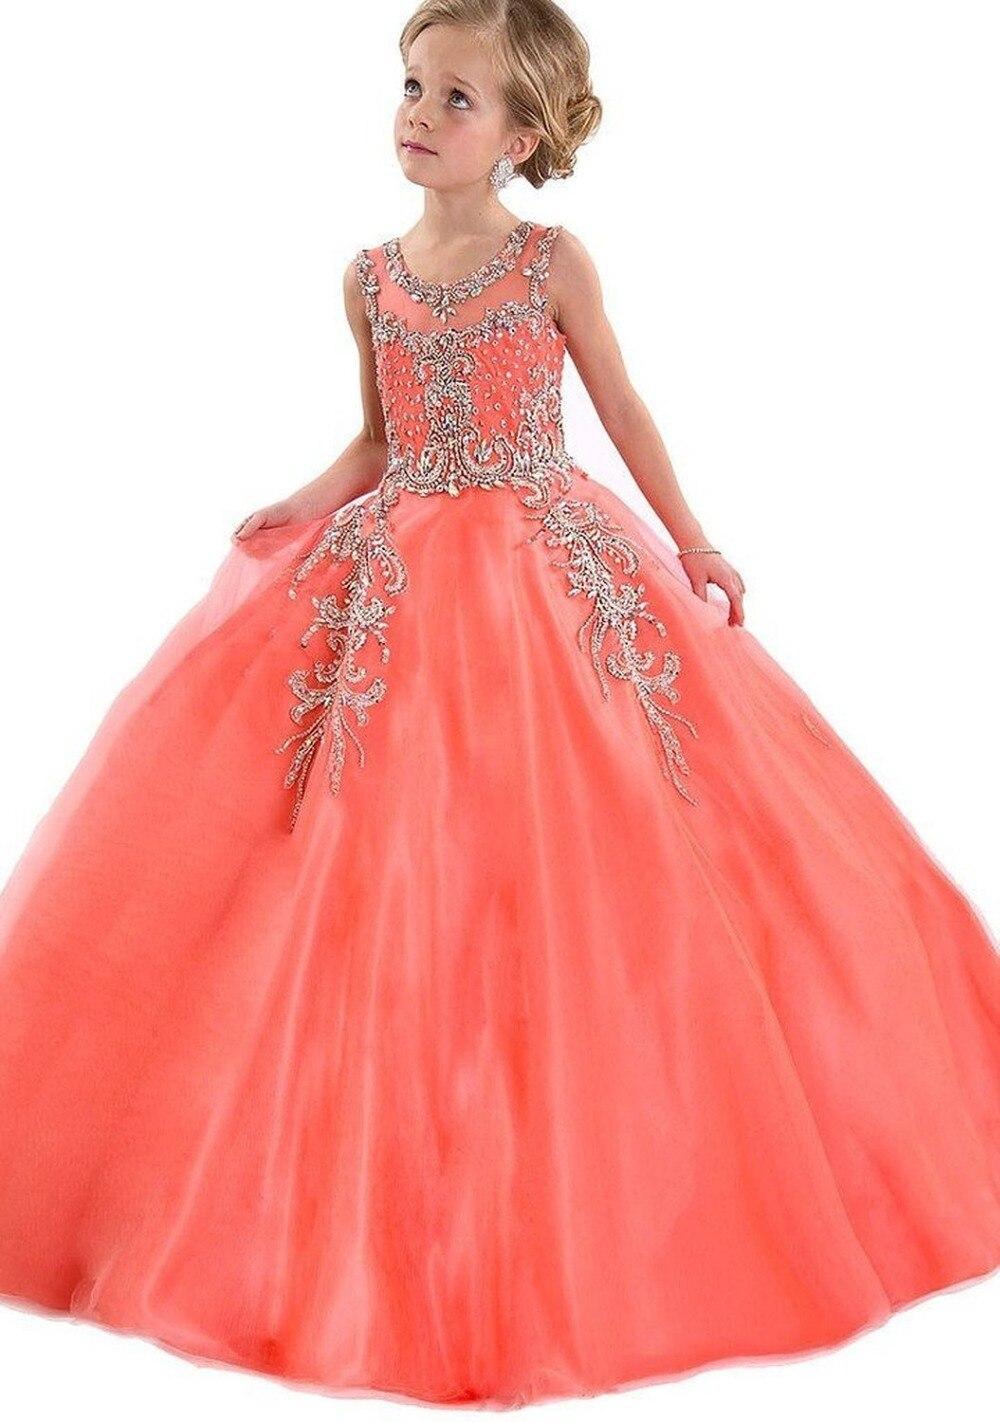 Online Get Cheap Dress for Little Girls Size 14 -Aliexpress.com ...